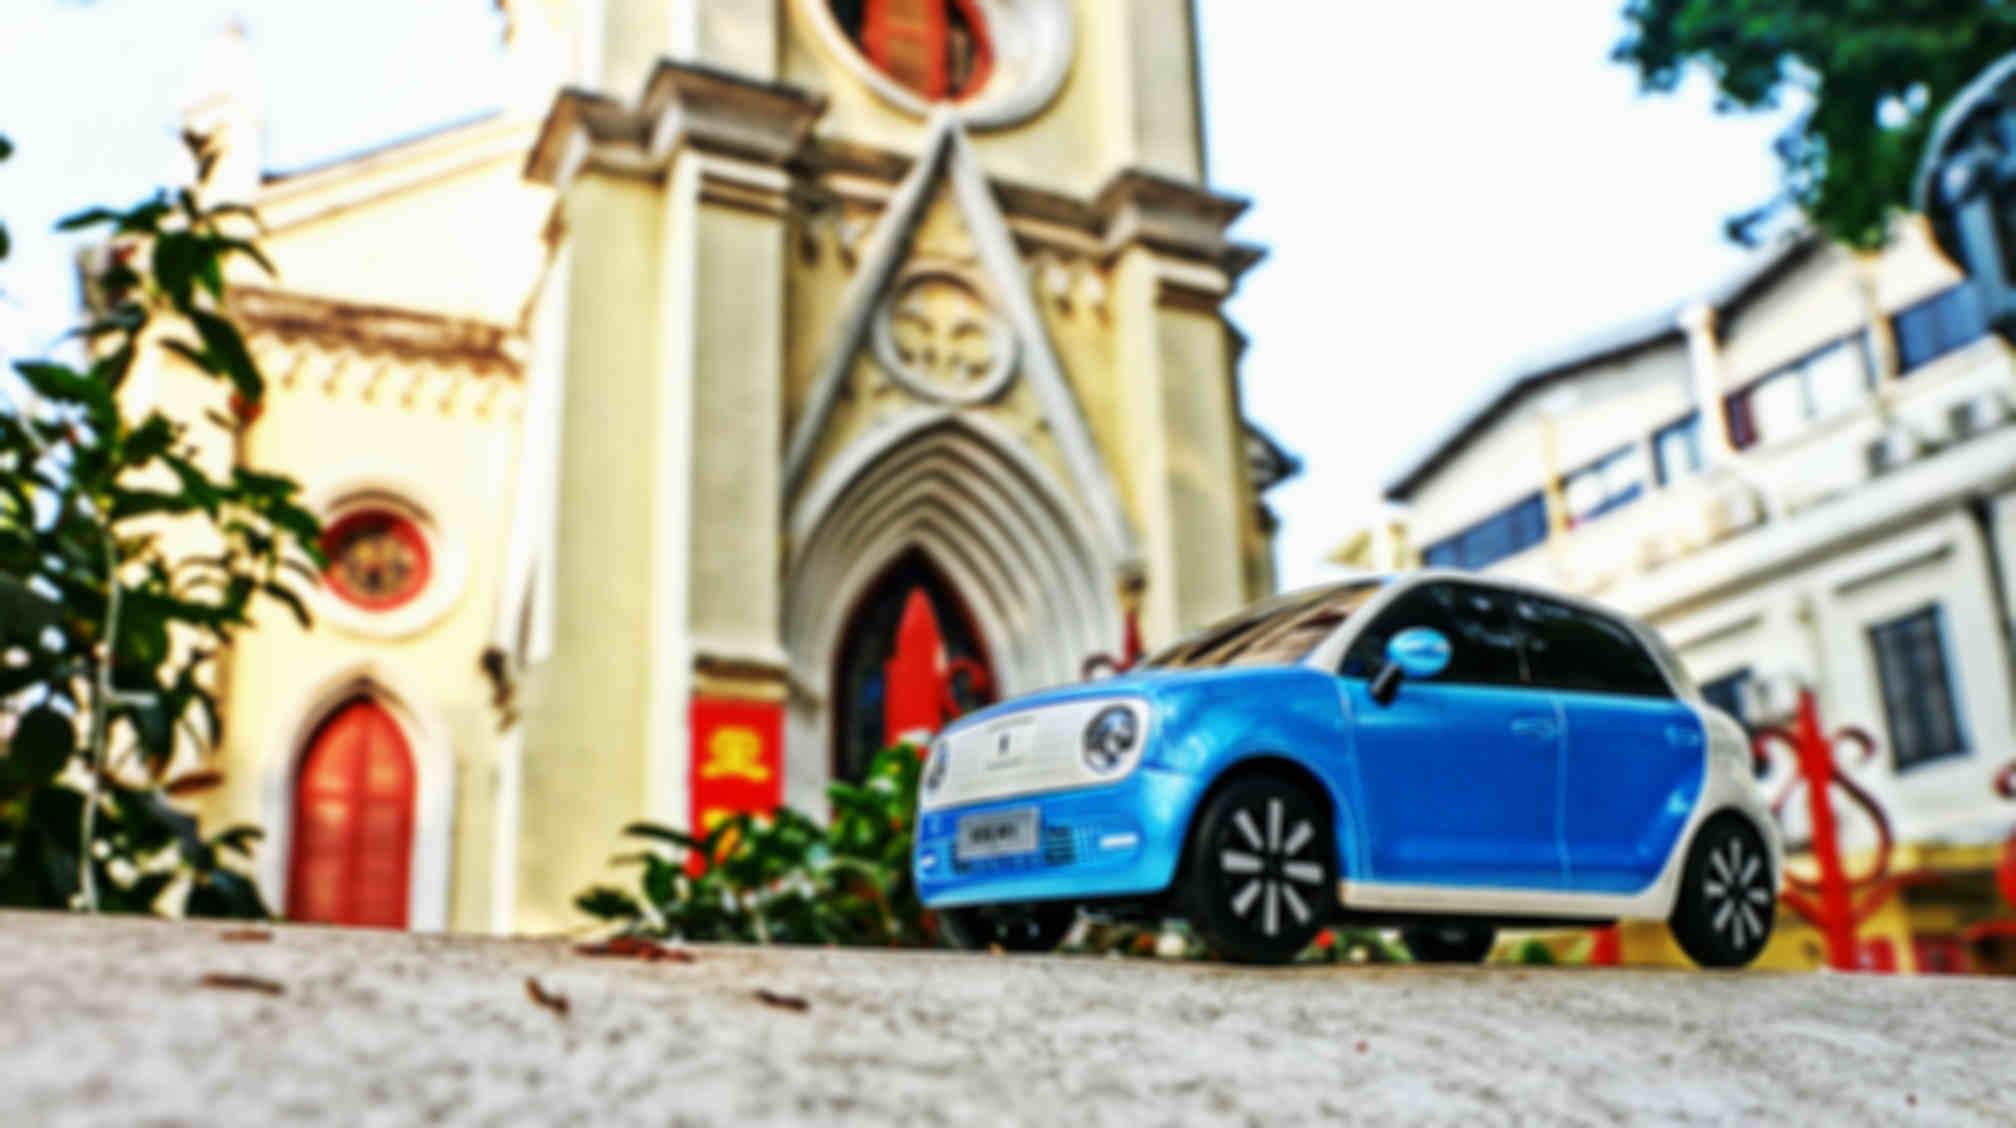 车模与教堂2